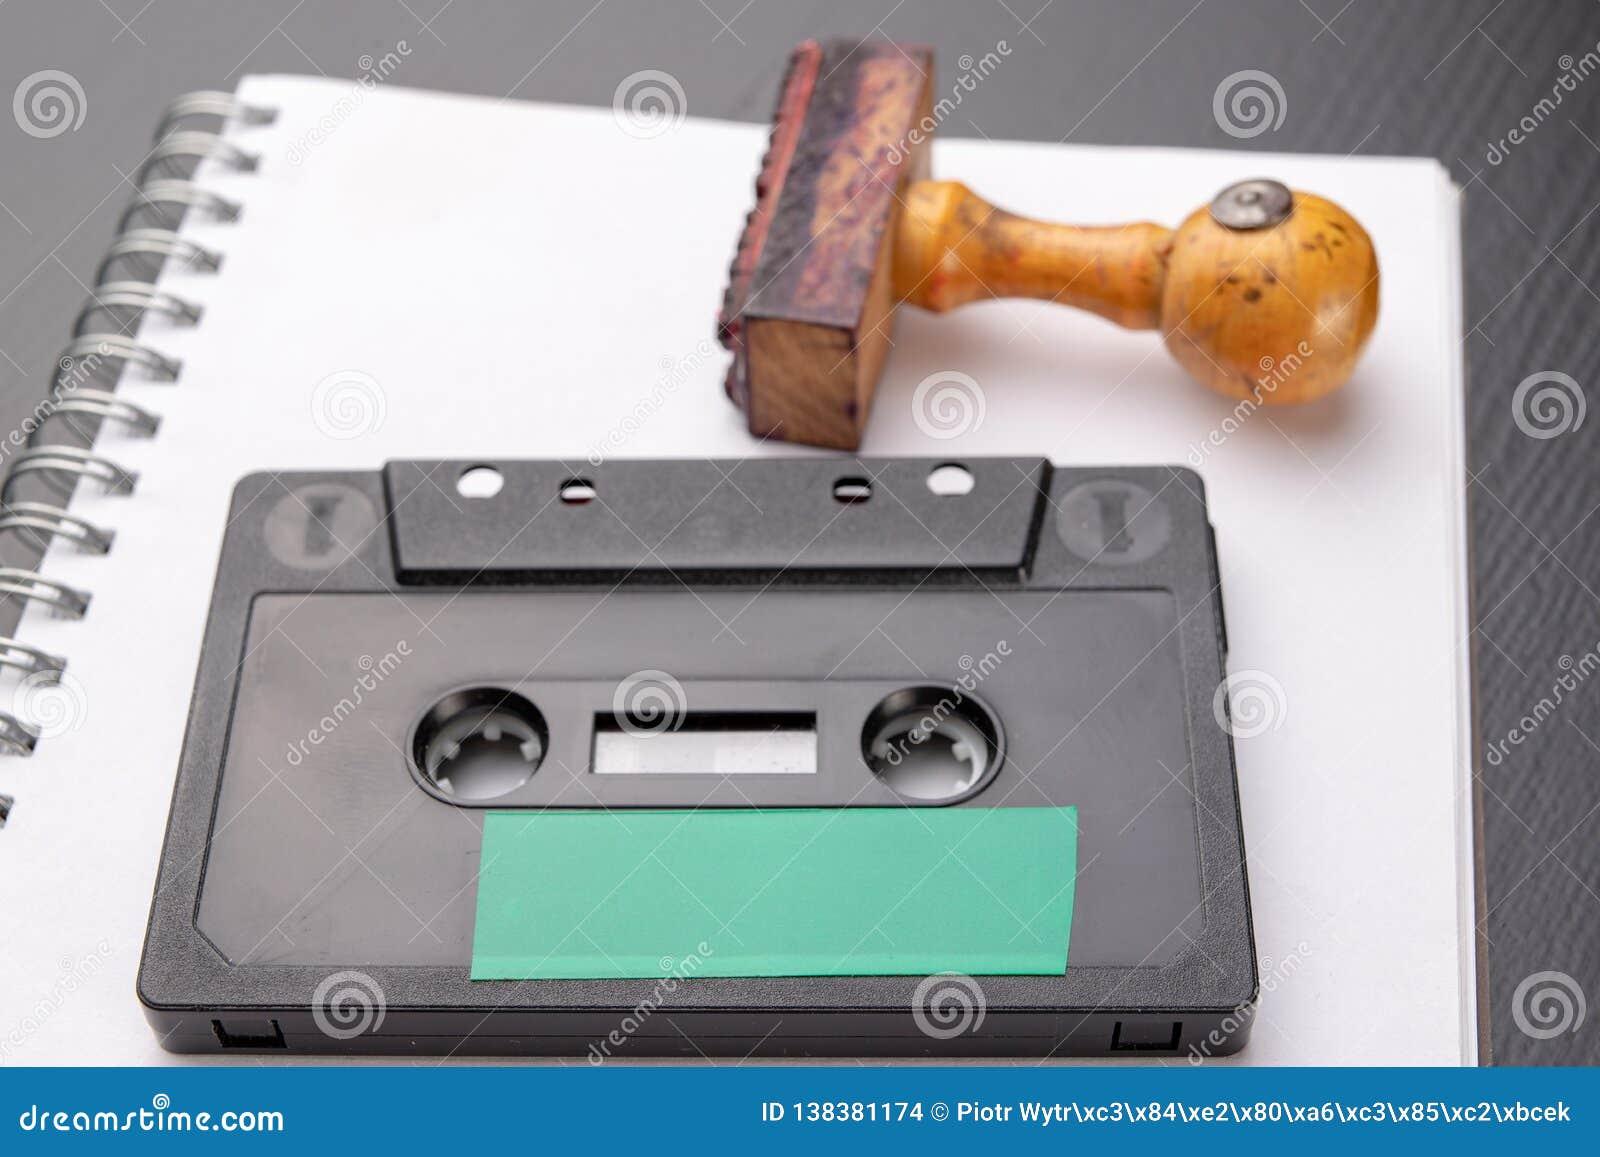 Παλαιά ξύλινη σφραγίδα και ακουστική κασέτα σε ένα άσπρο κομμάτι του σημειωματάριου Μυστικές καταγραφές των πολιτικών συζητήσεων